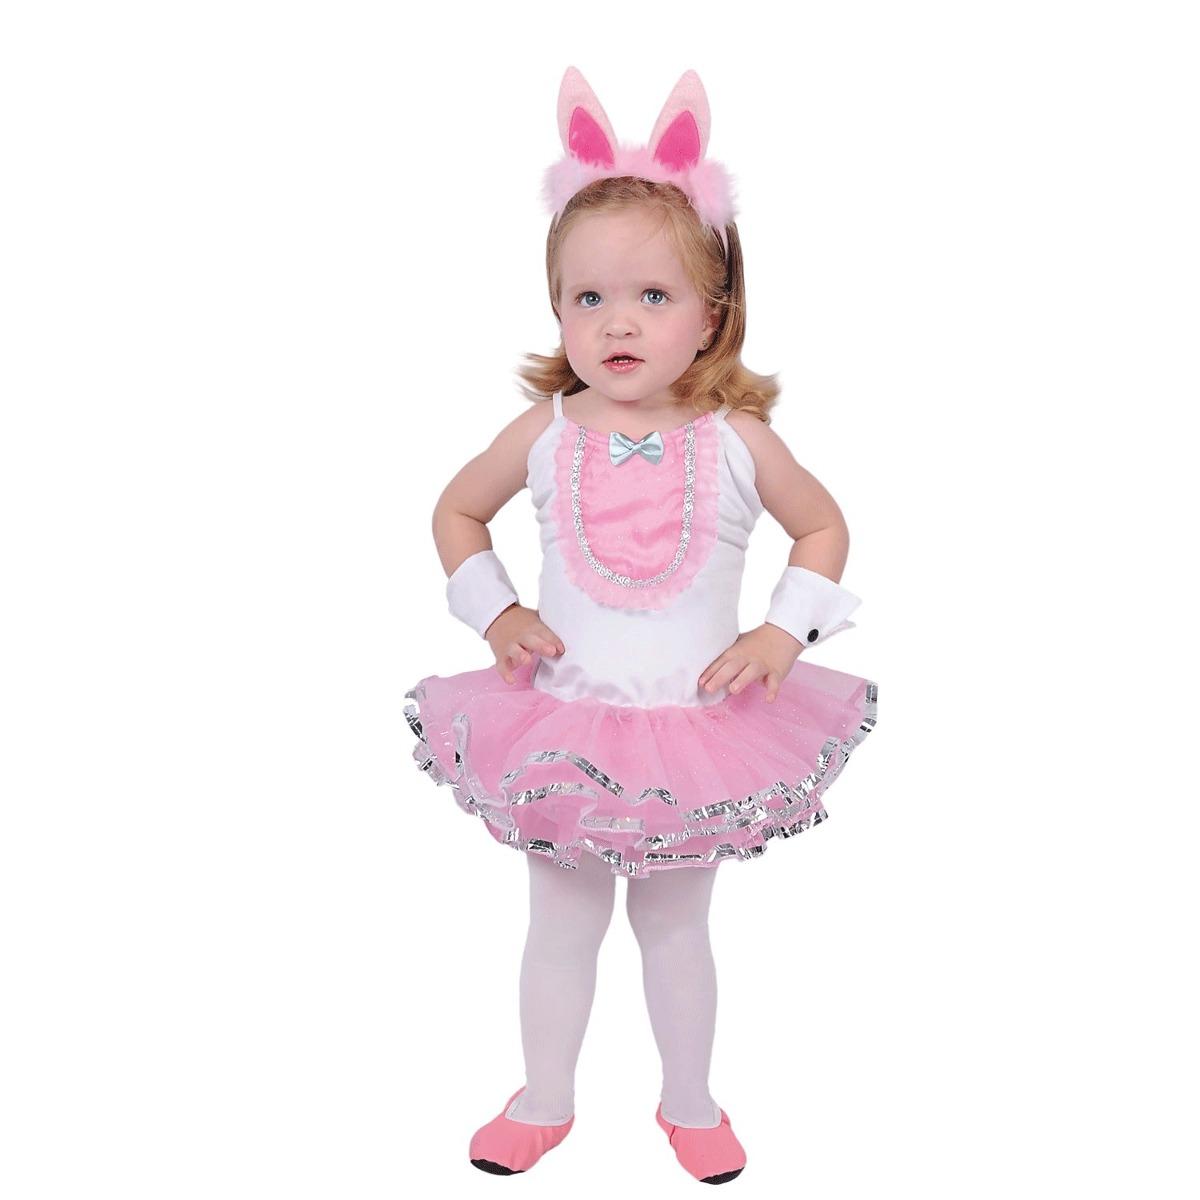 Disfraz disfraces de conejita bebe carnavalito bs 18 - Disfraces para bebe nina ...